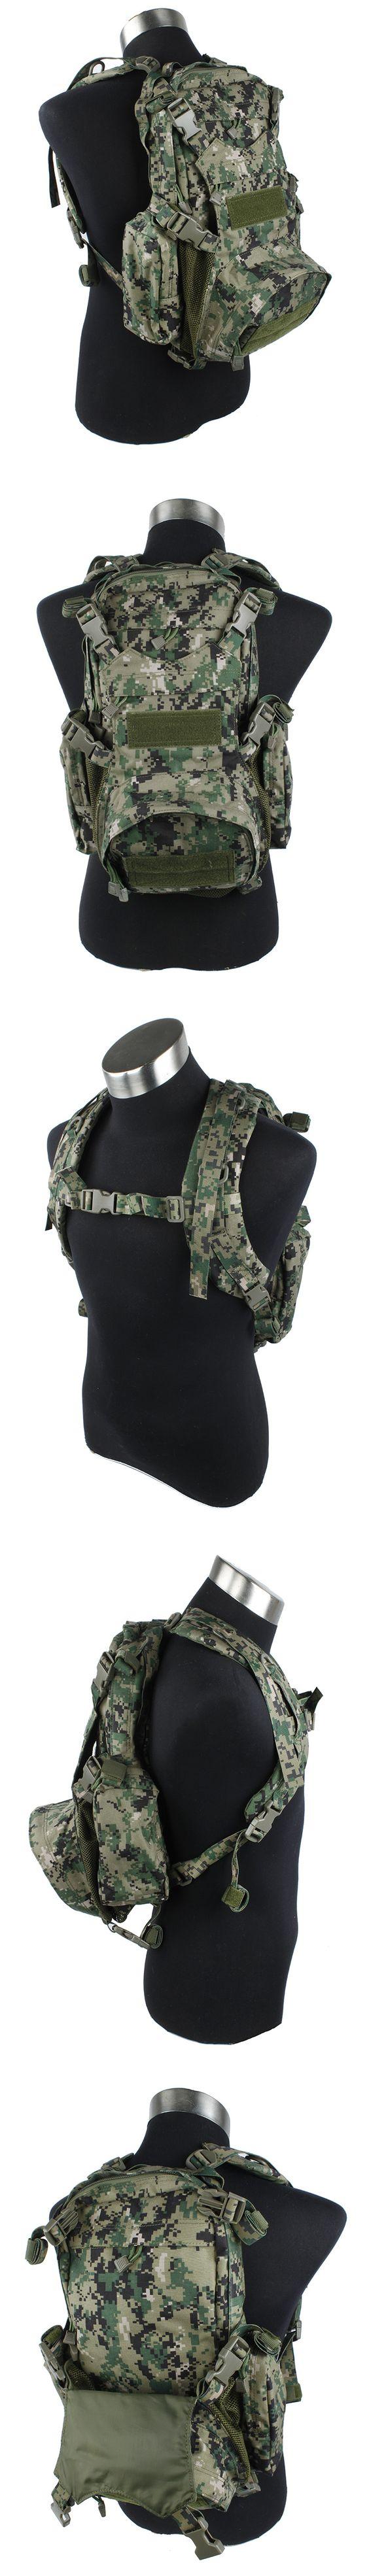 EbairSoft Airsoft parts & Tactical Gear - G TMC MOLLE Kangaroo Pack ( AOR2 ) TMC1461